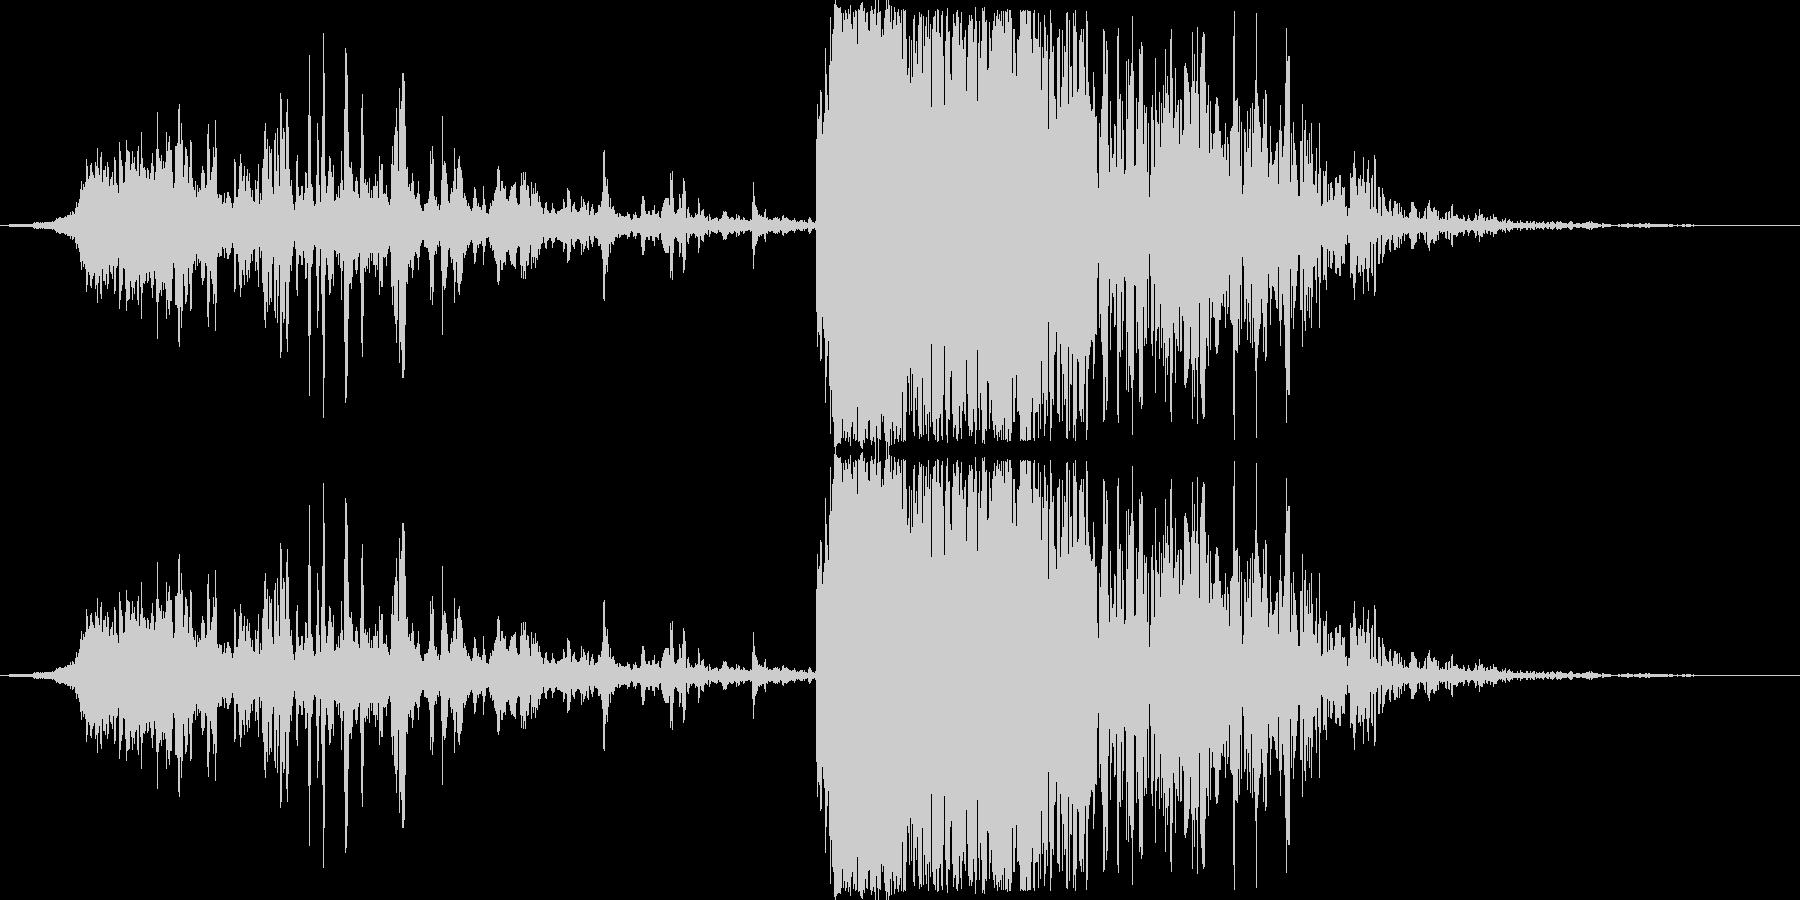 発射〜着弾のイメージ(ヒューン〜ドン)の未再生の波形